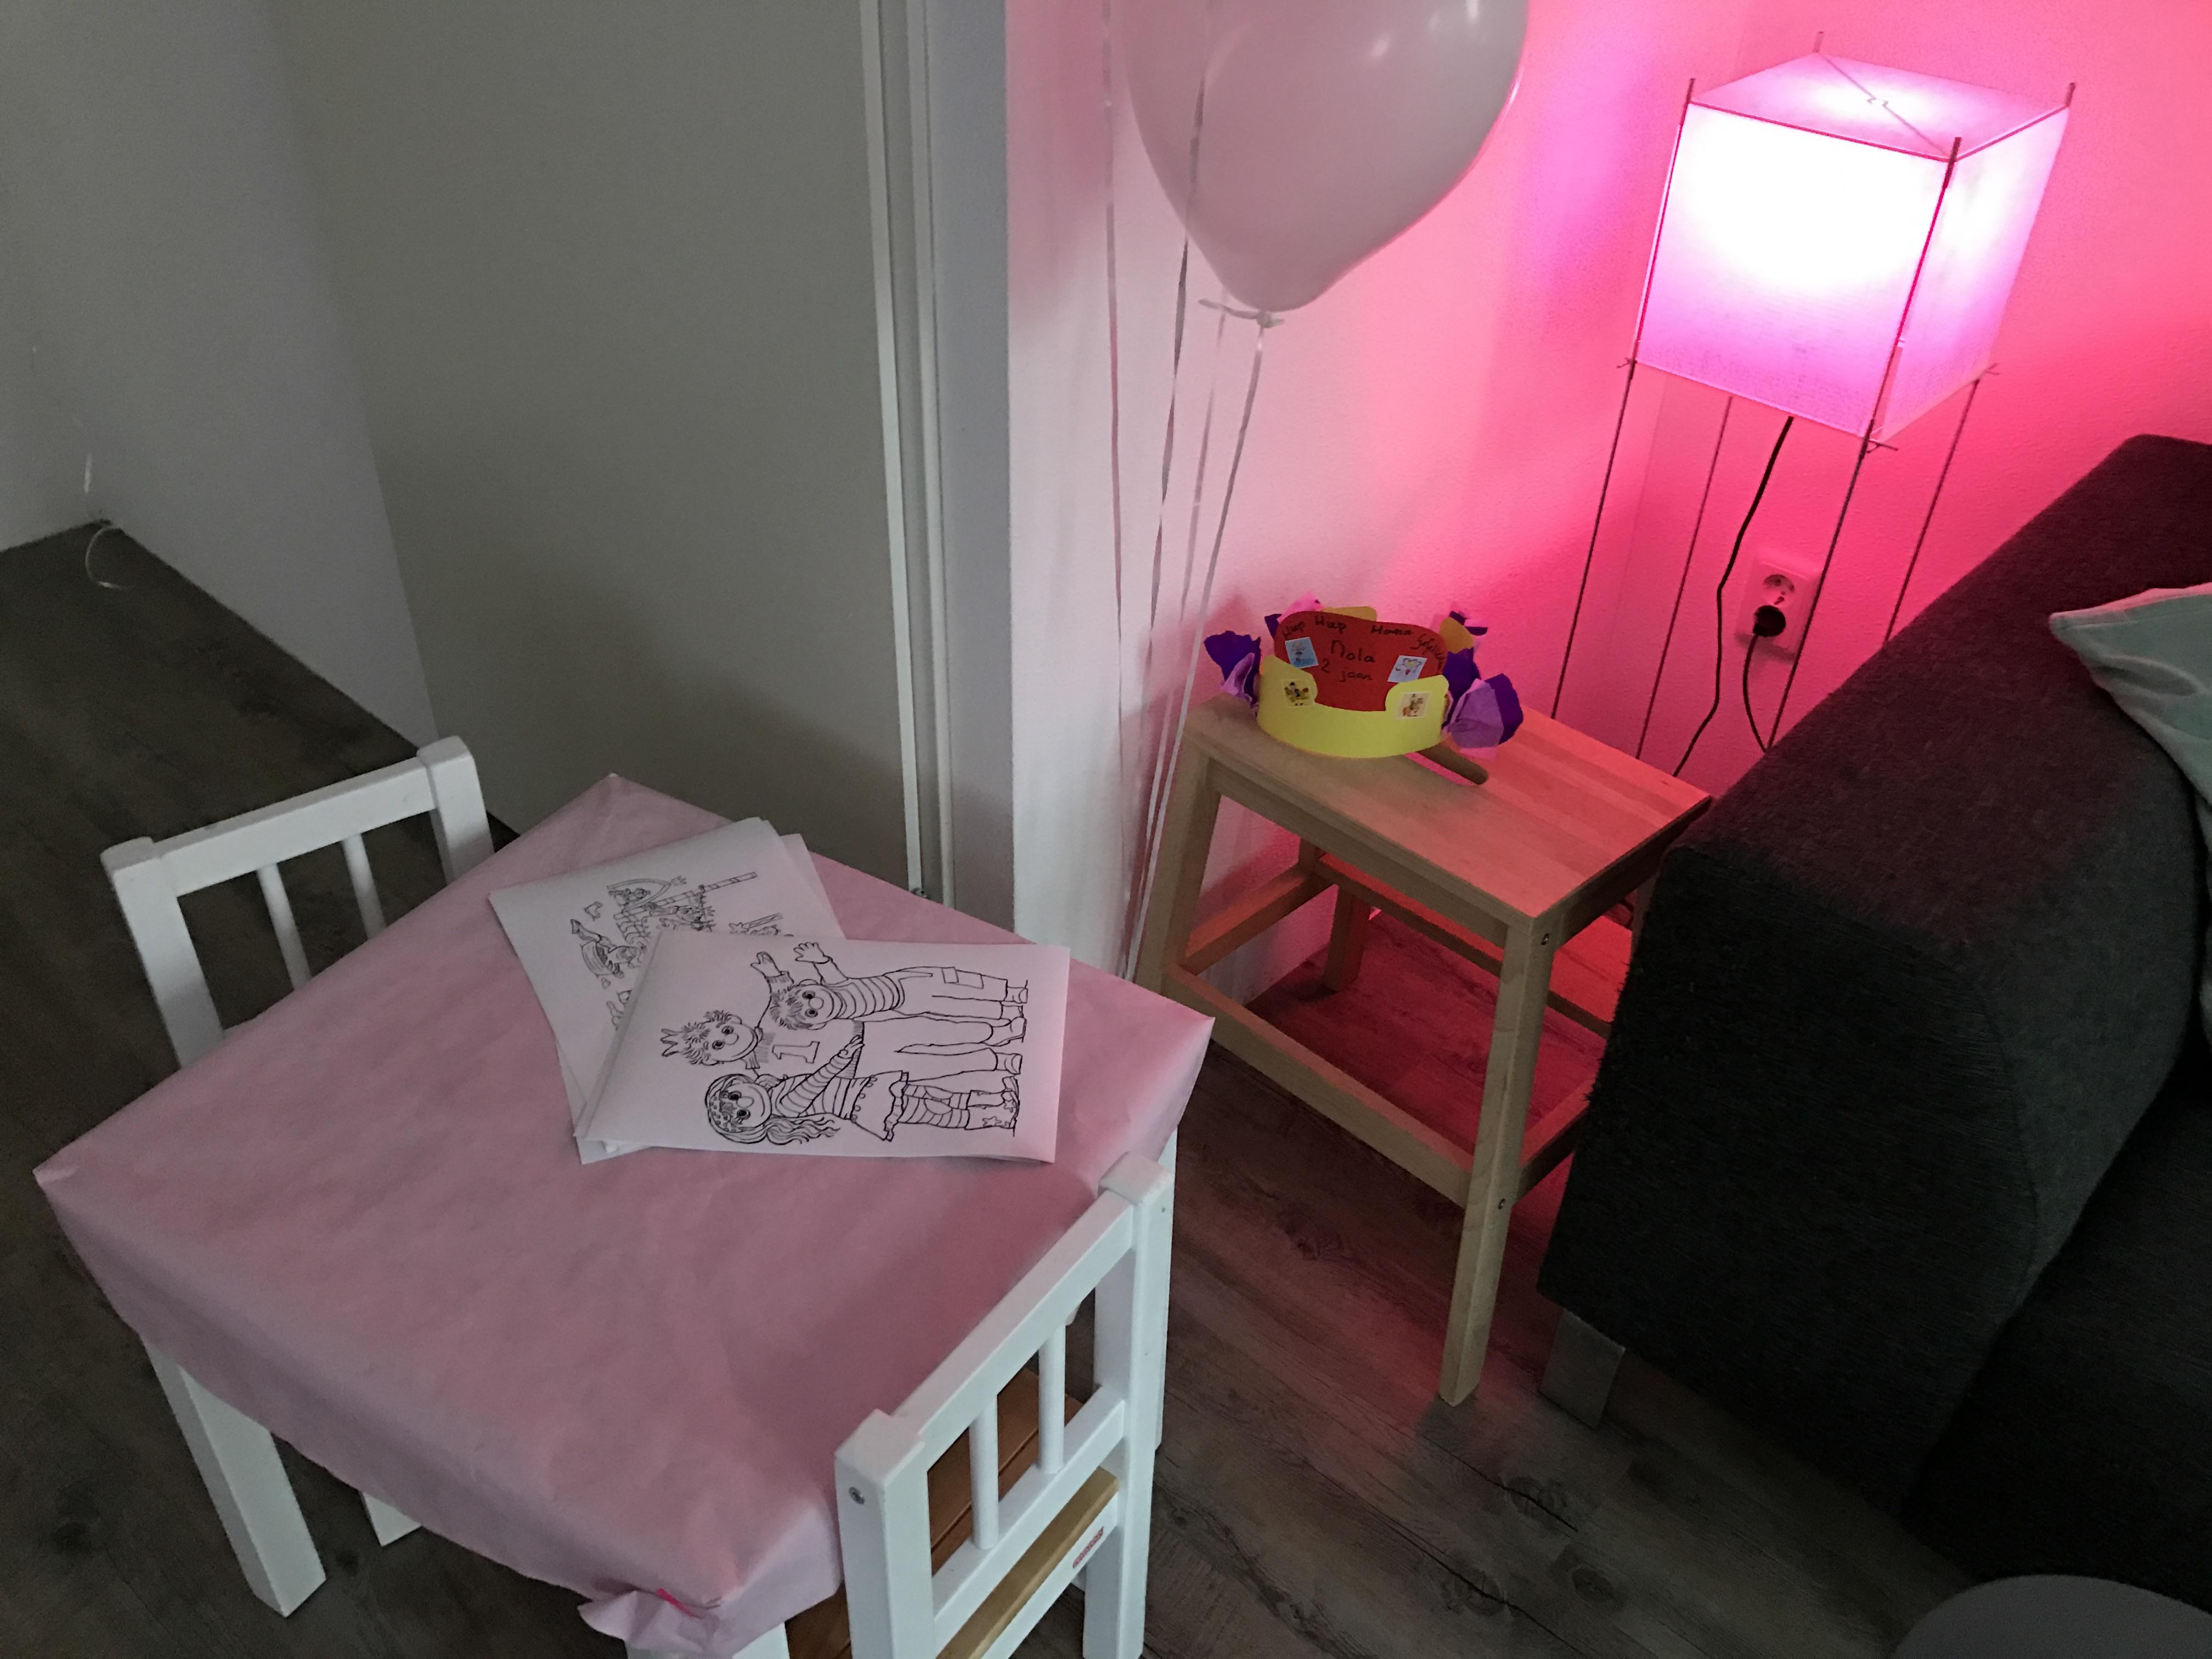 12-16-taart-zandkasteel-nola-2-jaar-verjaardag-verjaardagstaart-baby-meisje-kind-roze-thema-zand-dag-bestellen-balonnen-helium-nanny-moeder-amsterdam-diemen-vriendinkleuren